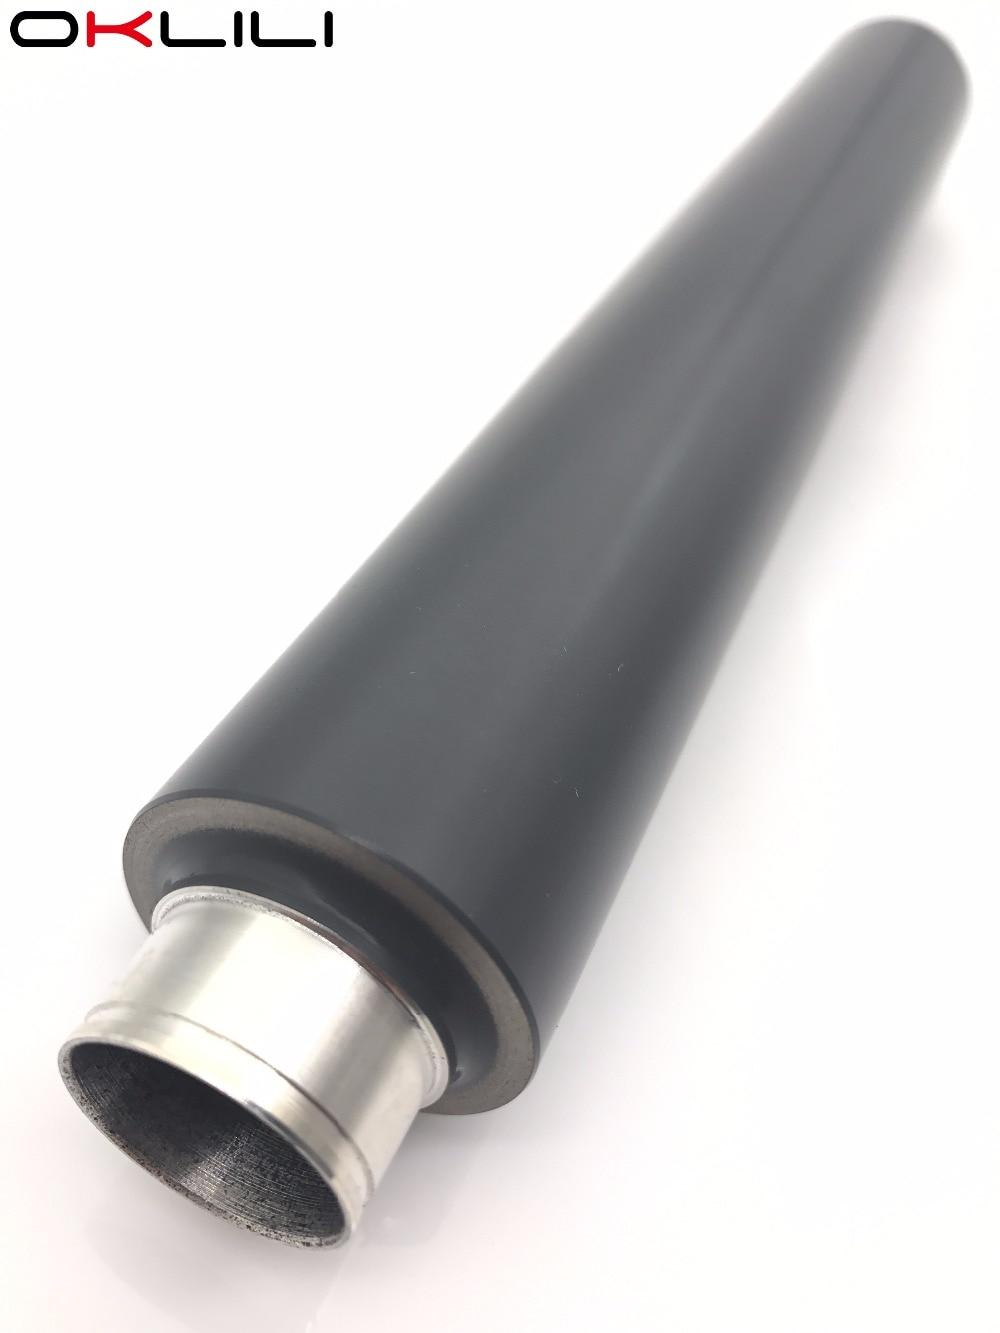 5PCX 302LV93110 2LV93110 FK 3130 Upper Fuser Heat Roller for Kyocera FS4100 FS4200 FS4300 M3550 M3560